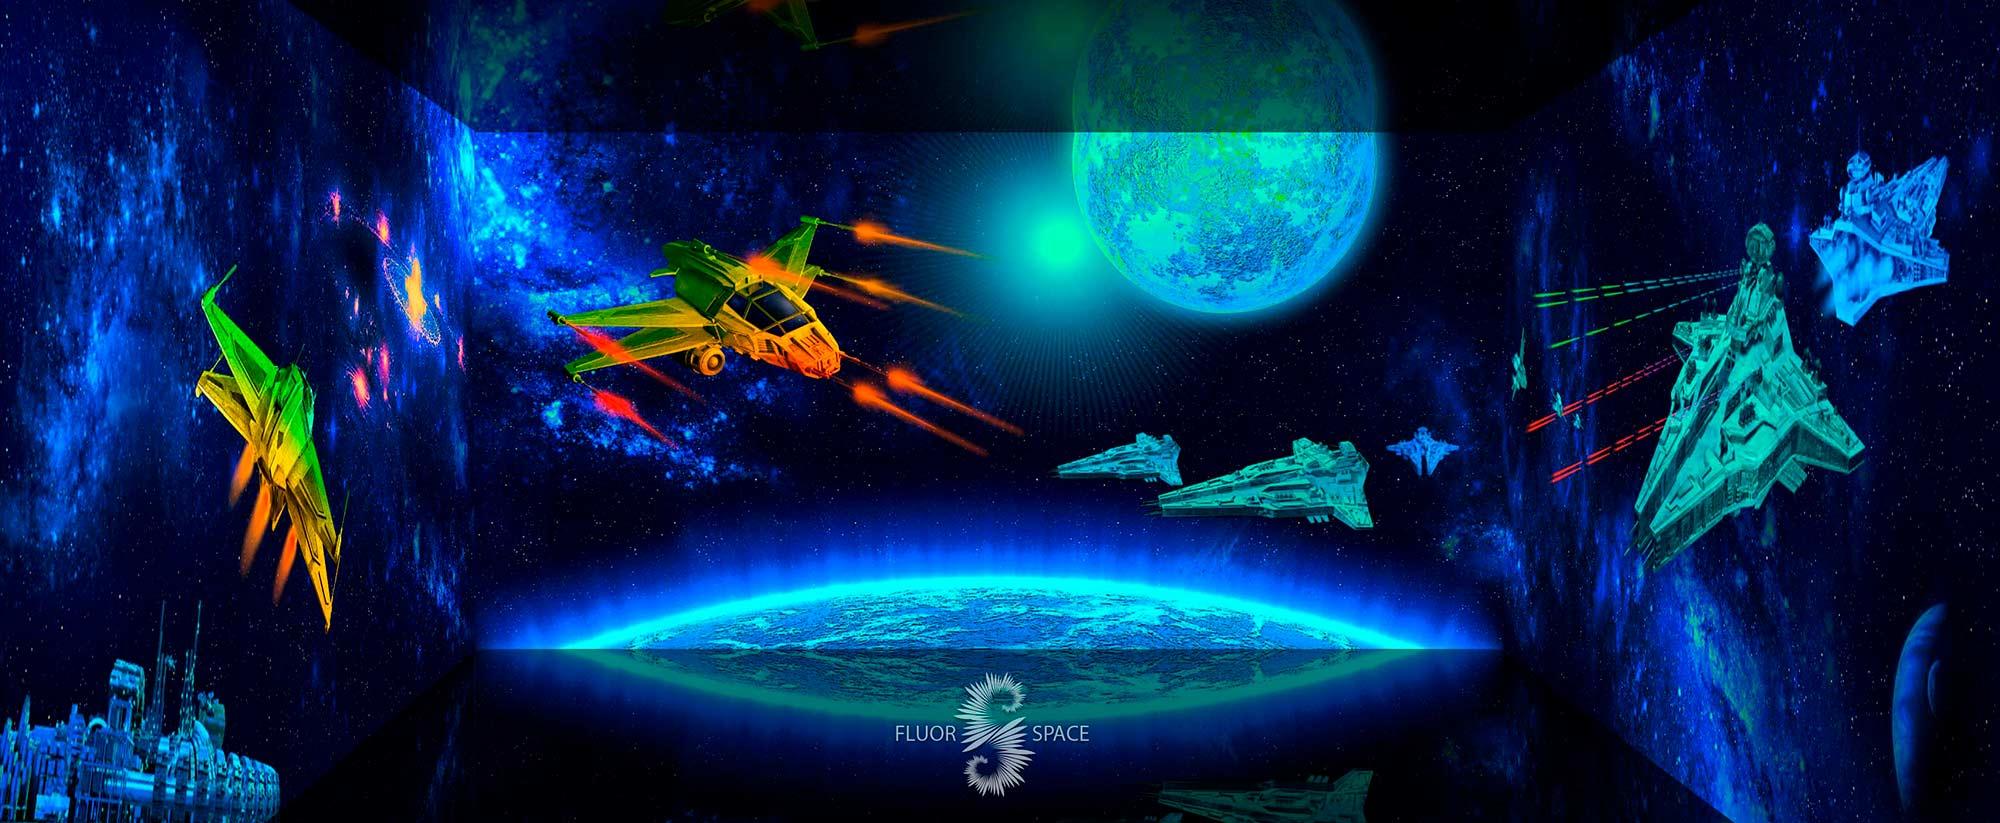 Войны в космосе - флуоресцентные хроматические 3D декорации